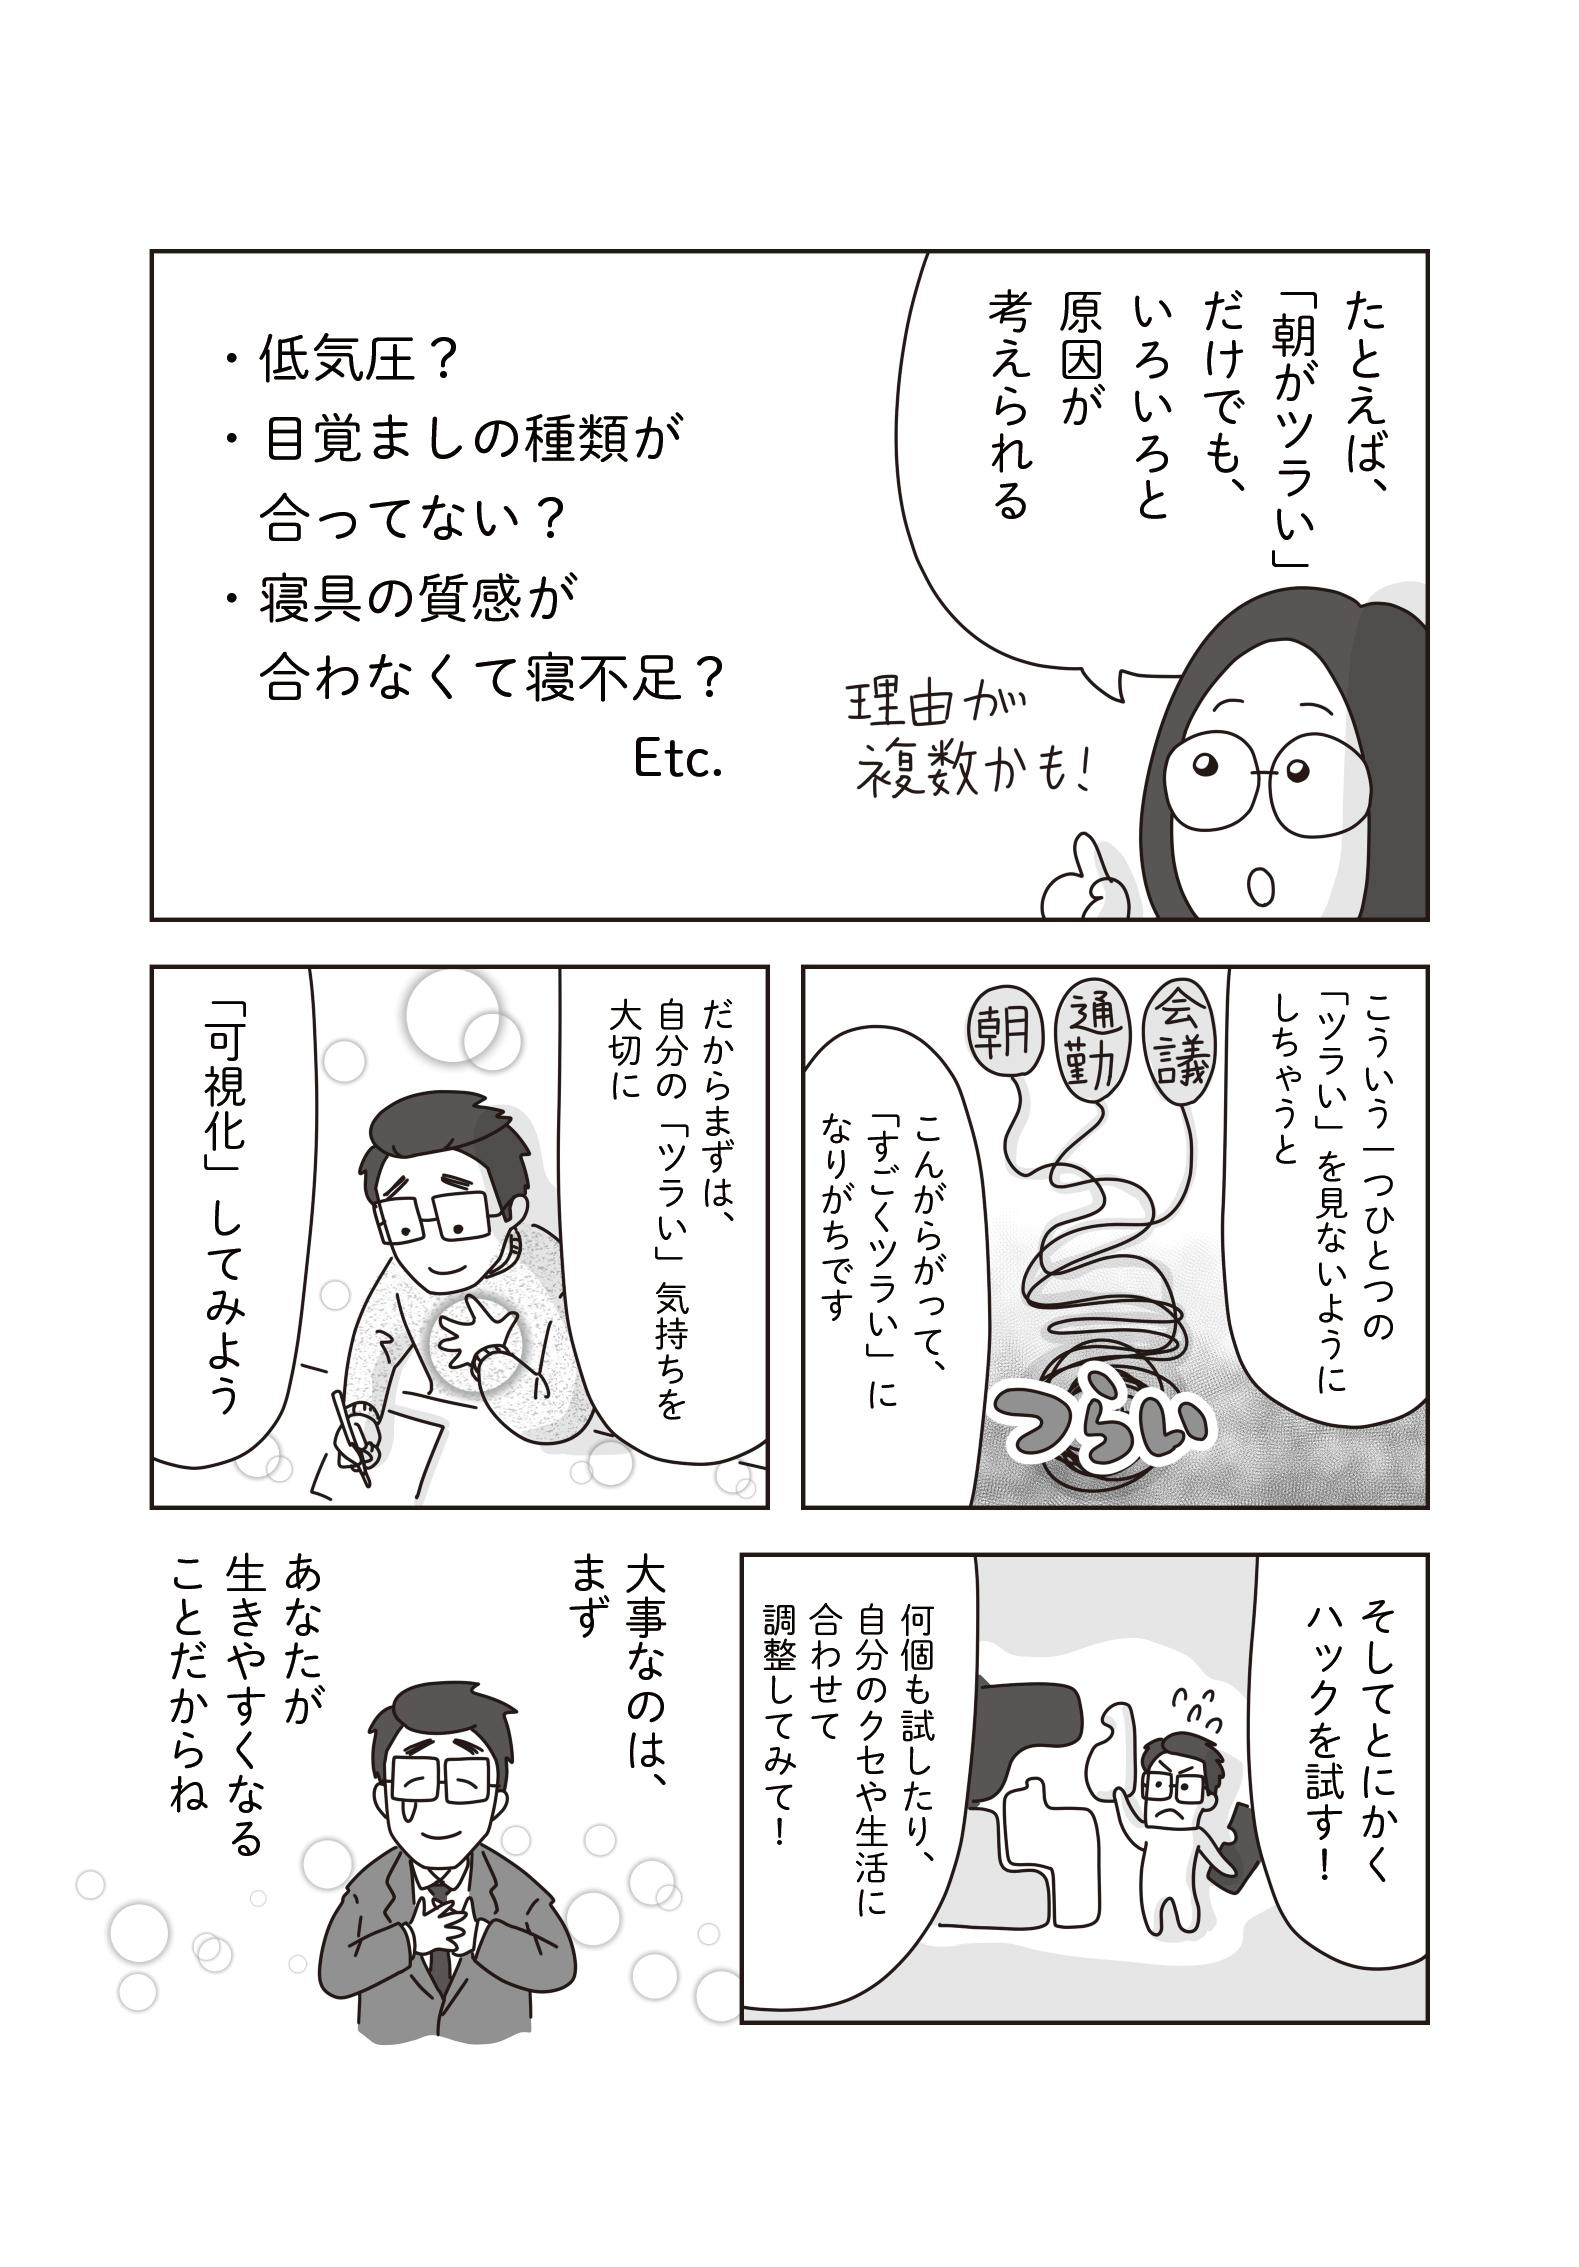 発達 障害 大人 セルフチェック(大人の発達障害) ...